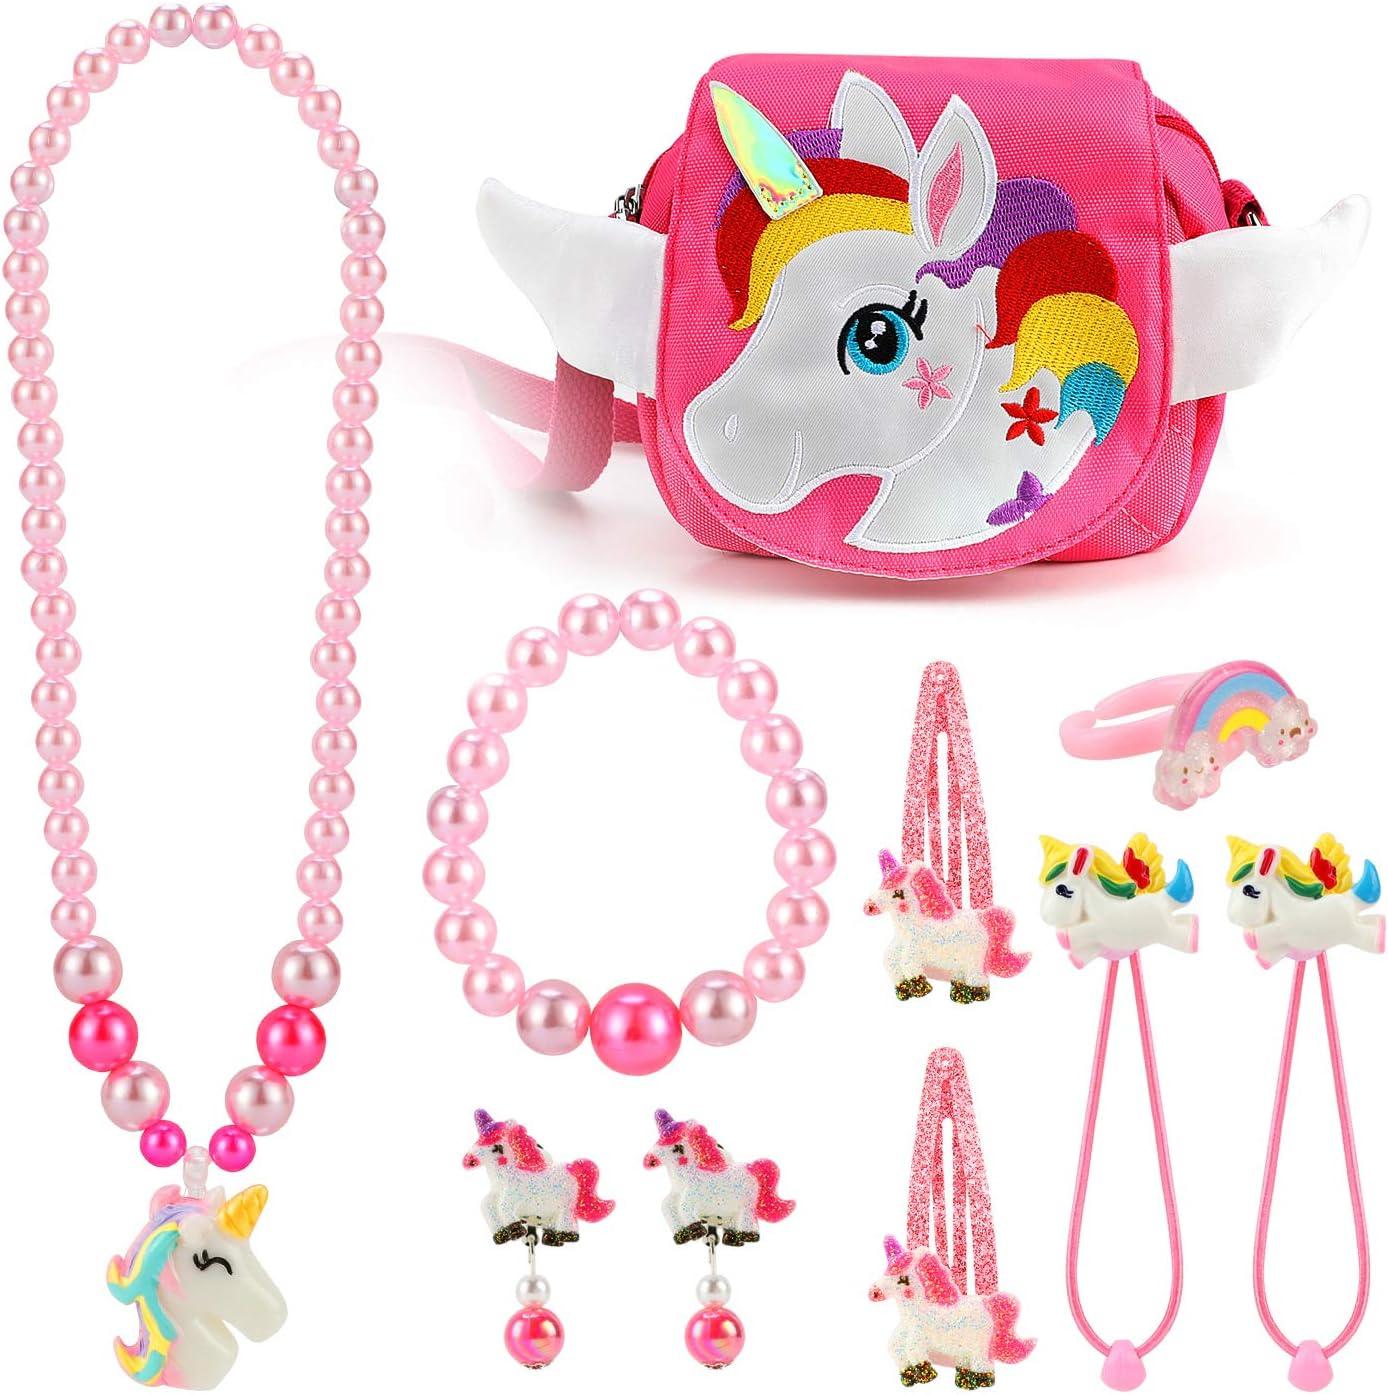 Chunky ballet necklace bracelet earrings jewelry set